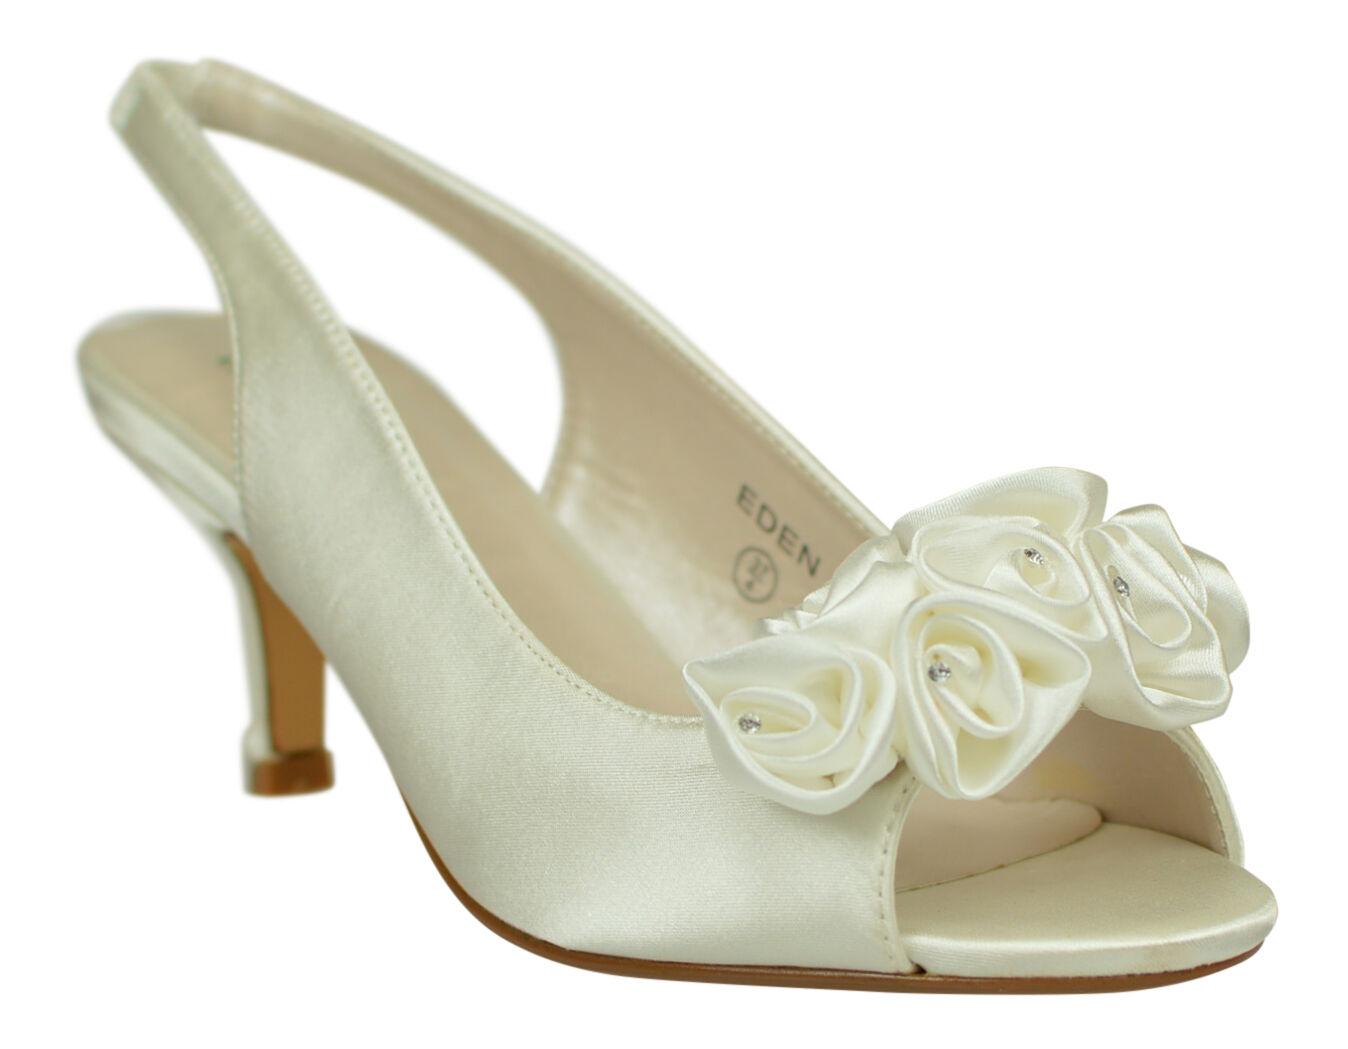 Pour femme ivoire mariage fête bal soirée demoiselle d'honneur bout ouvert talon bas chaussures